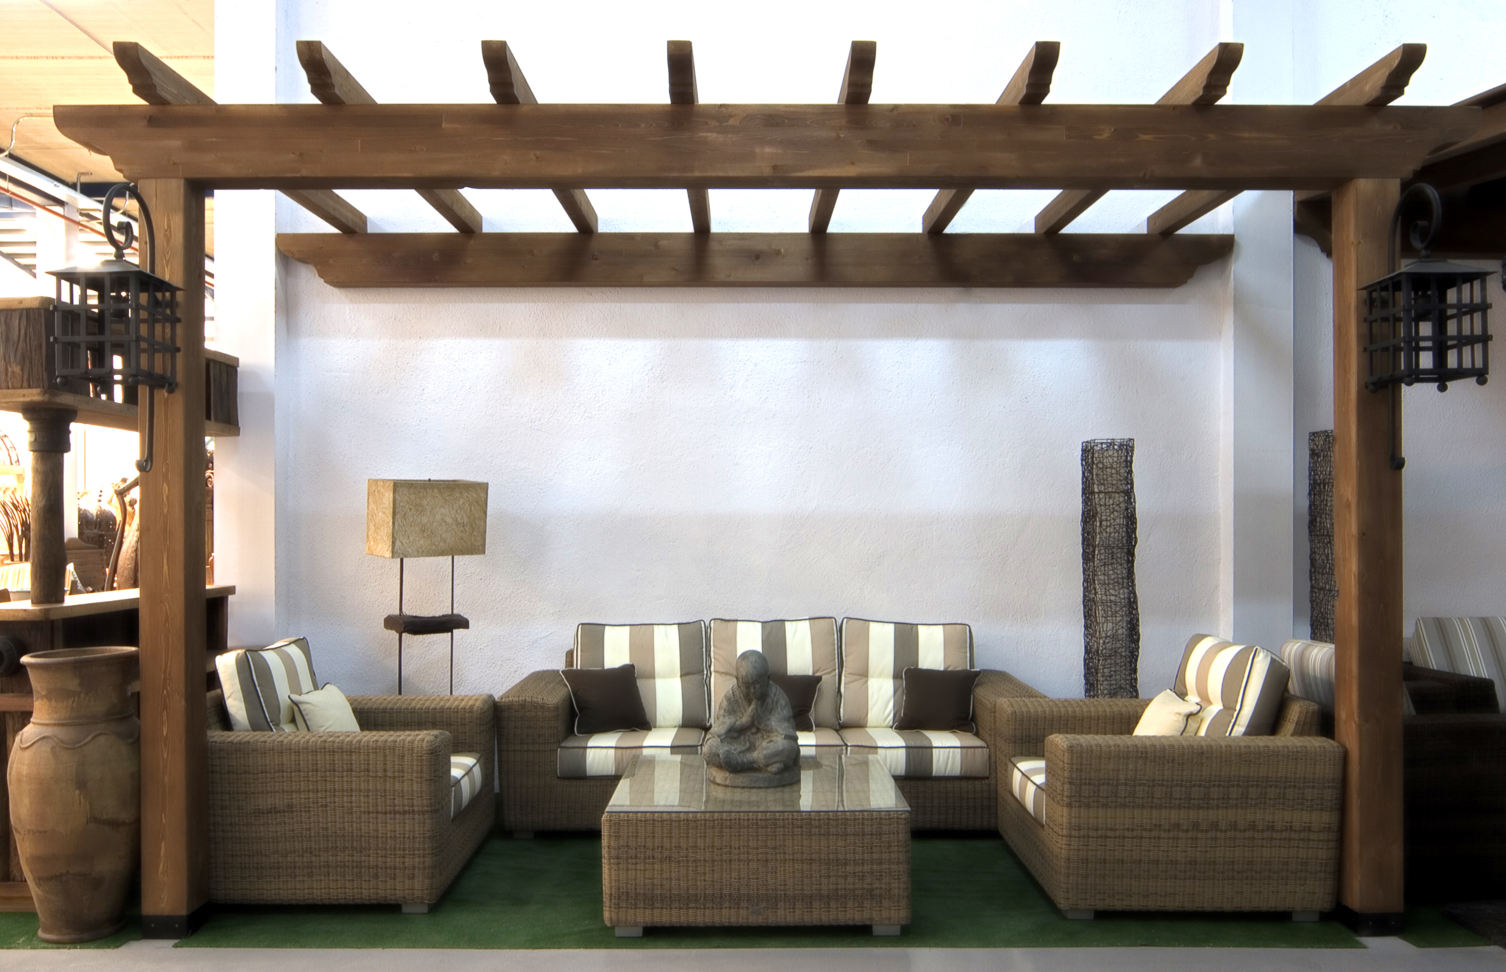 Estructura de madera exterior